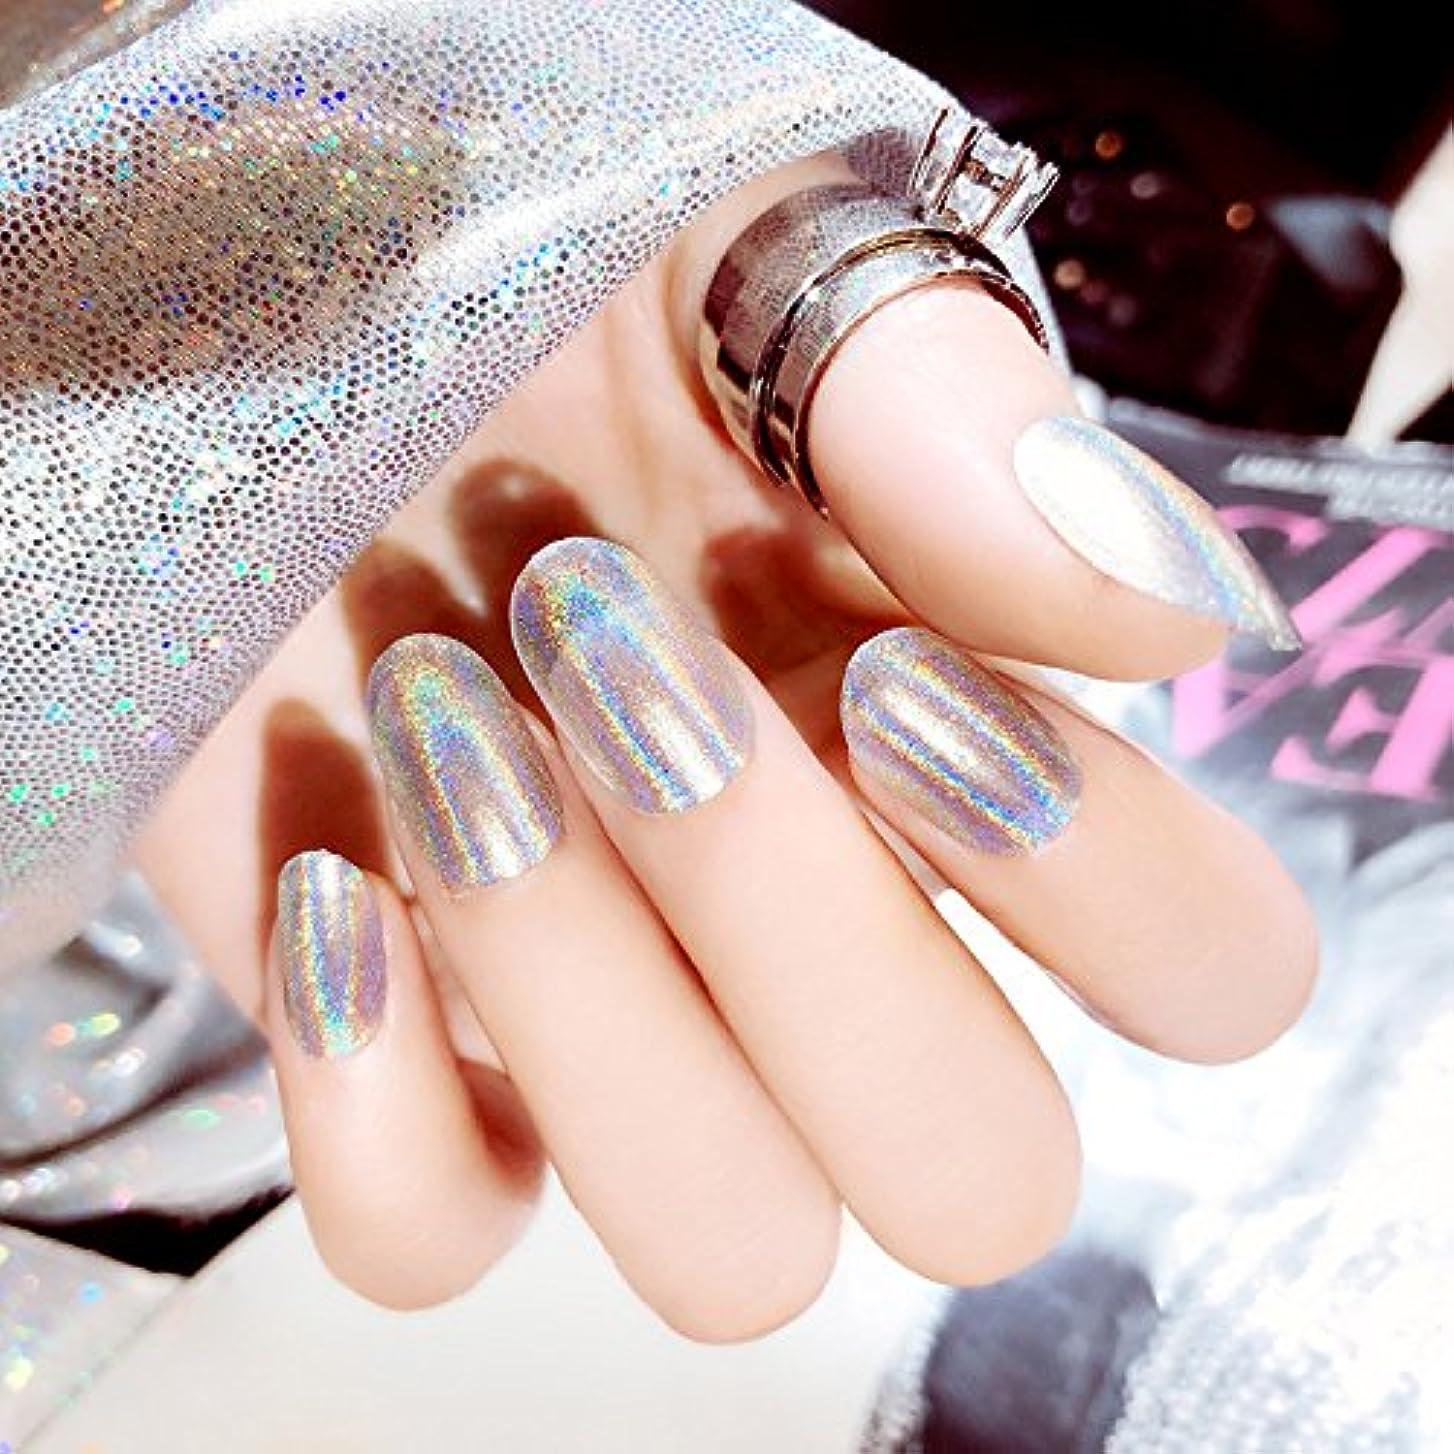 ブラインド海嶺単独で質感 彩がつく 24枚純色付け爪 ネイル貼るだけネイルチップ レーザー 多重光沢 お花嫁付け爪 ジェルネイルの光疗法 シンフォニー (輝くシルバー)